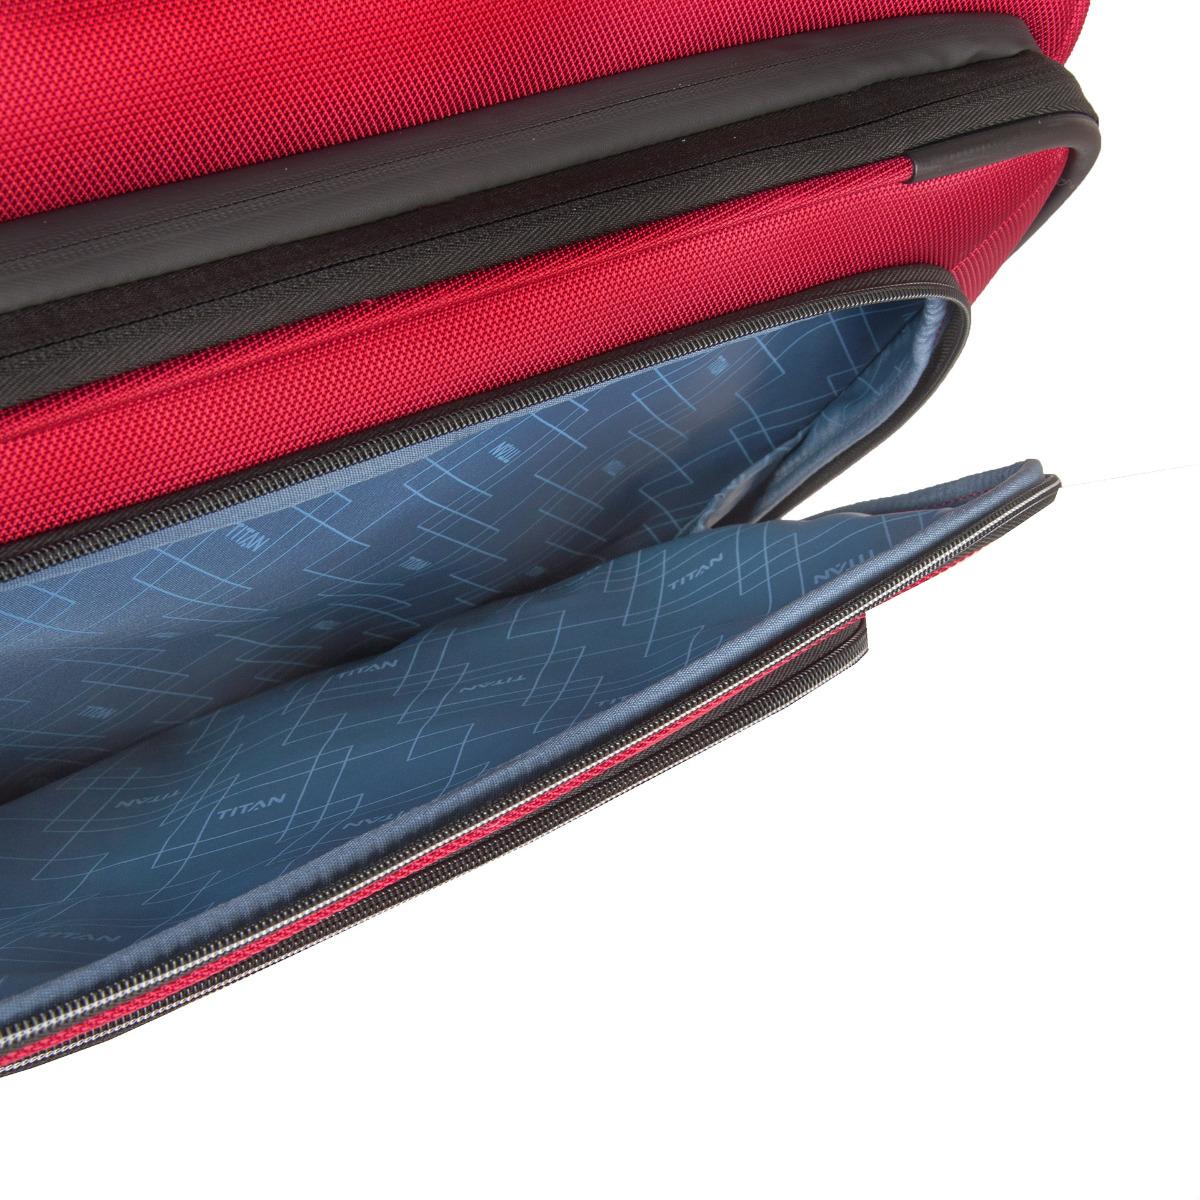 Titan Nonstop 4w L Red Odľahčený kufor Titan Nonstop z veľmi odolnej tkaniny je všestranným spoločníkom na výlety i vysnívané dovolenky.  - štyri tiché dvojkolieska otočné o 360 ° - hliníková rukoväť s aretáciou a ergonomickou rukoväťou - nepremokavý zips pri hlavnej komory - integrovaný TSA zámok pre cesty nielen do USA - expandér pre jednoduché rozšírenie objemu rozopnutím obvodového zipsu - dve veľké predné vrecká na zips - vnútorná priehradka na košele s fixačnými popruhmi - integrovaná menovka - ľahko nastaviteľné bezpečnostné popruhy - vystužené hrany pre vyššiu odolnosť batožinu - predĺžená záruka 3 roky